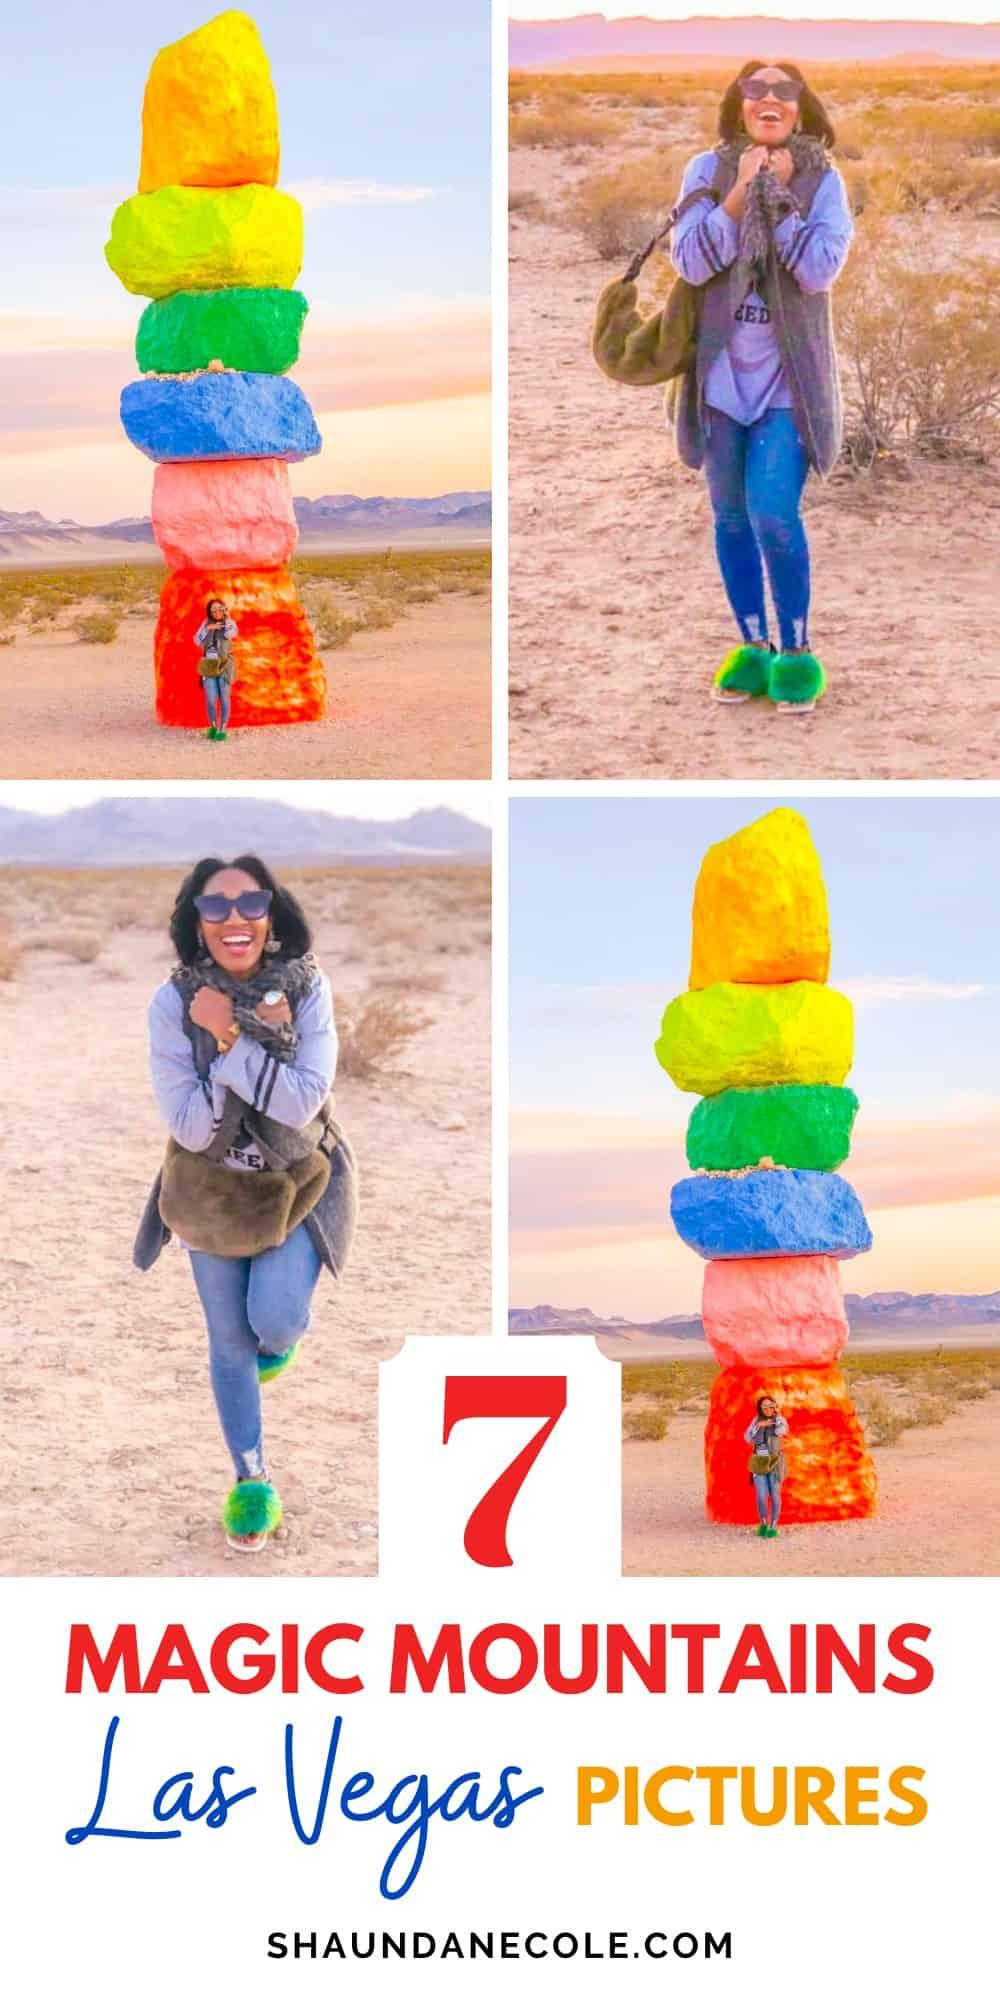 Seven Magic Mountains Las Vegas Photoshoot Pictures